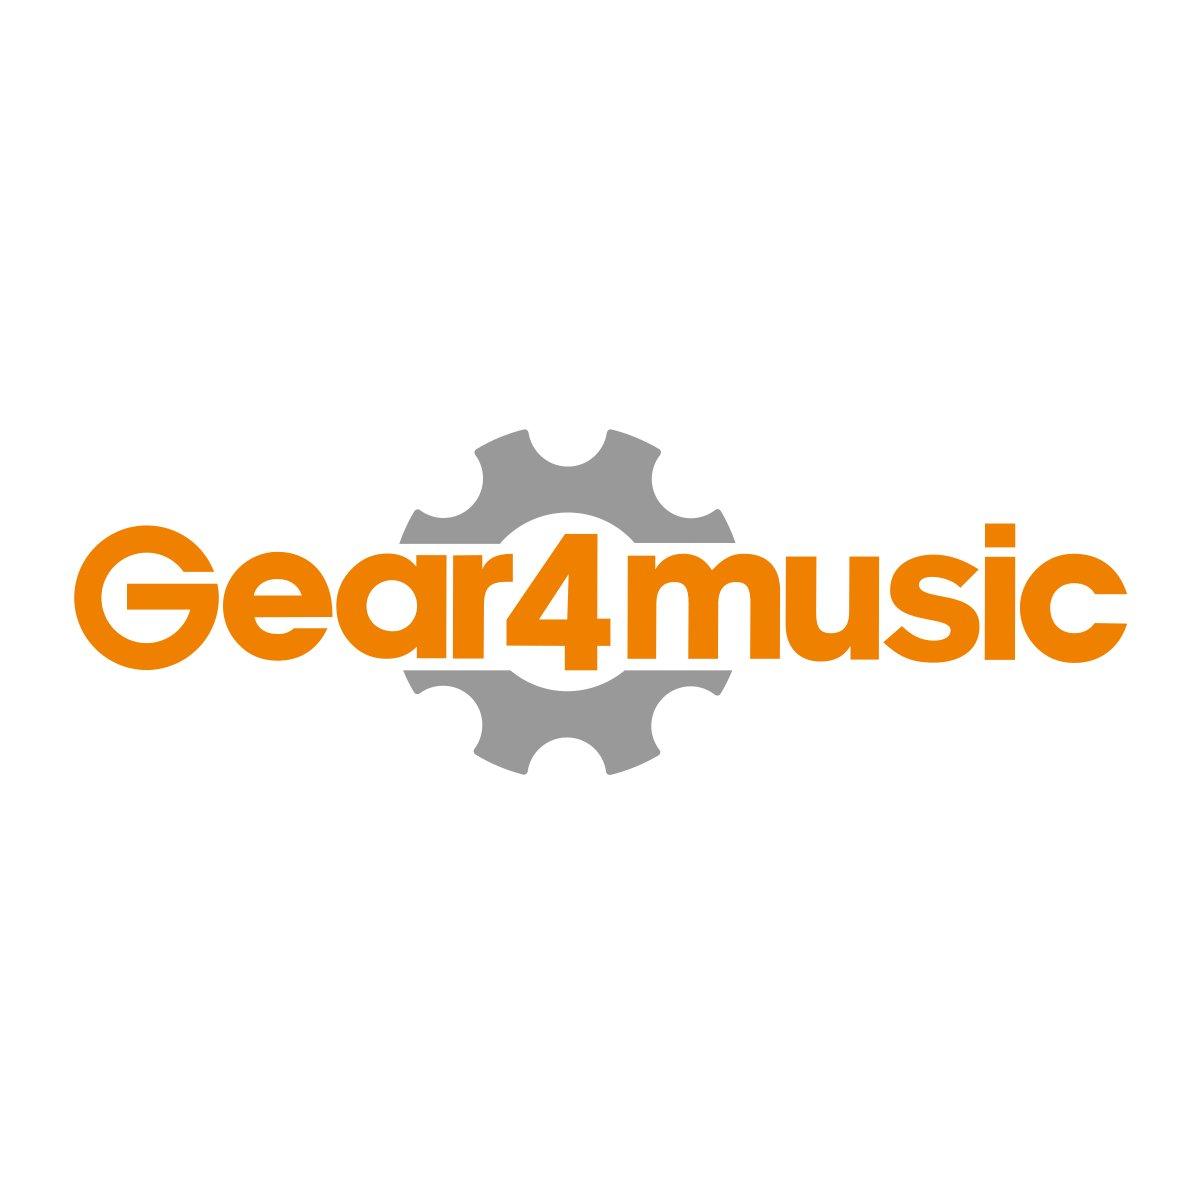 MK-1000 54-Key Portable Keyboard by Gear4music